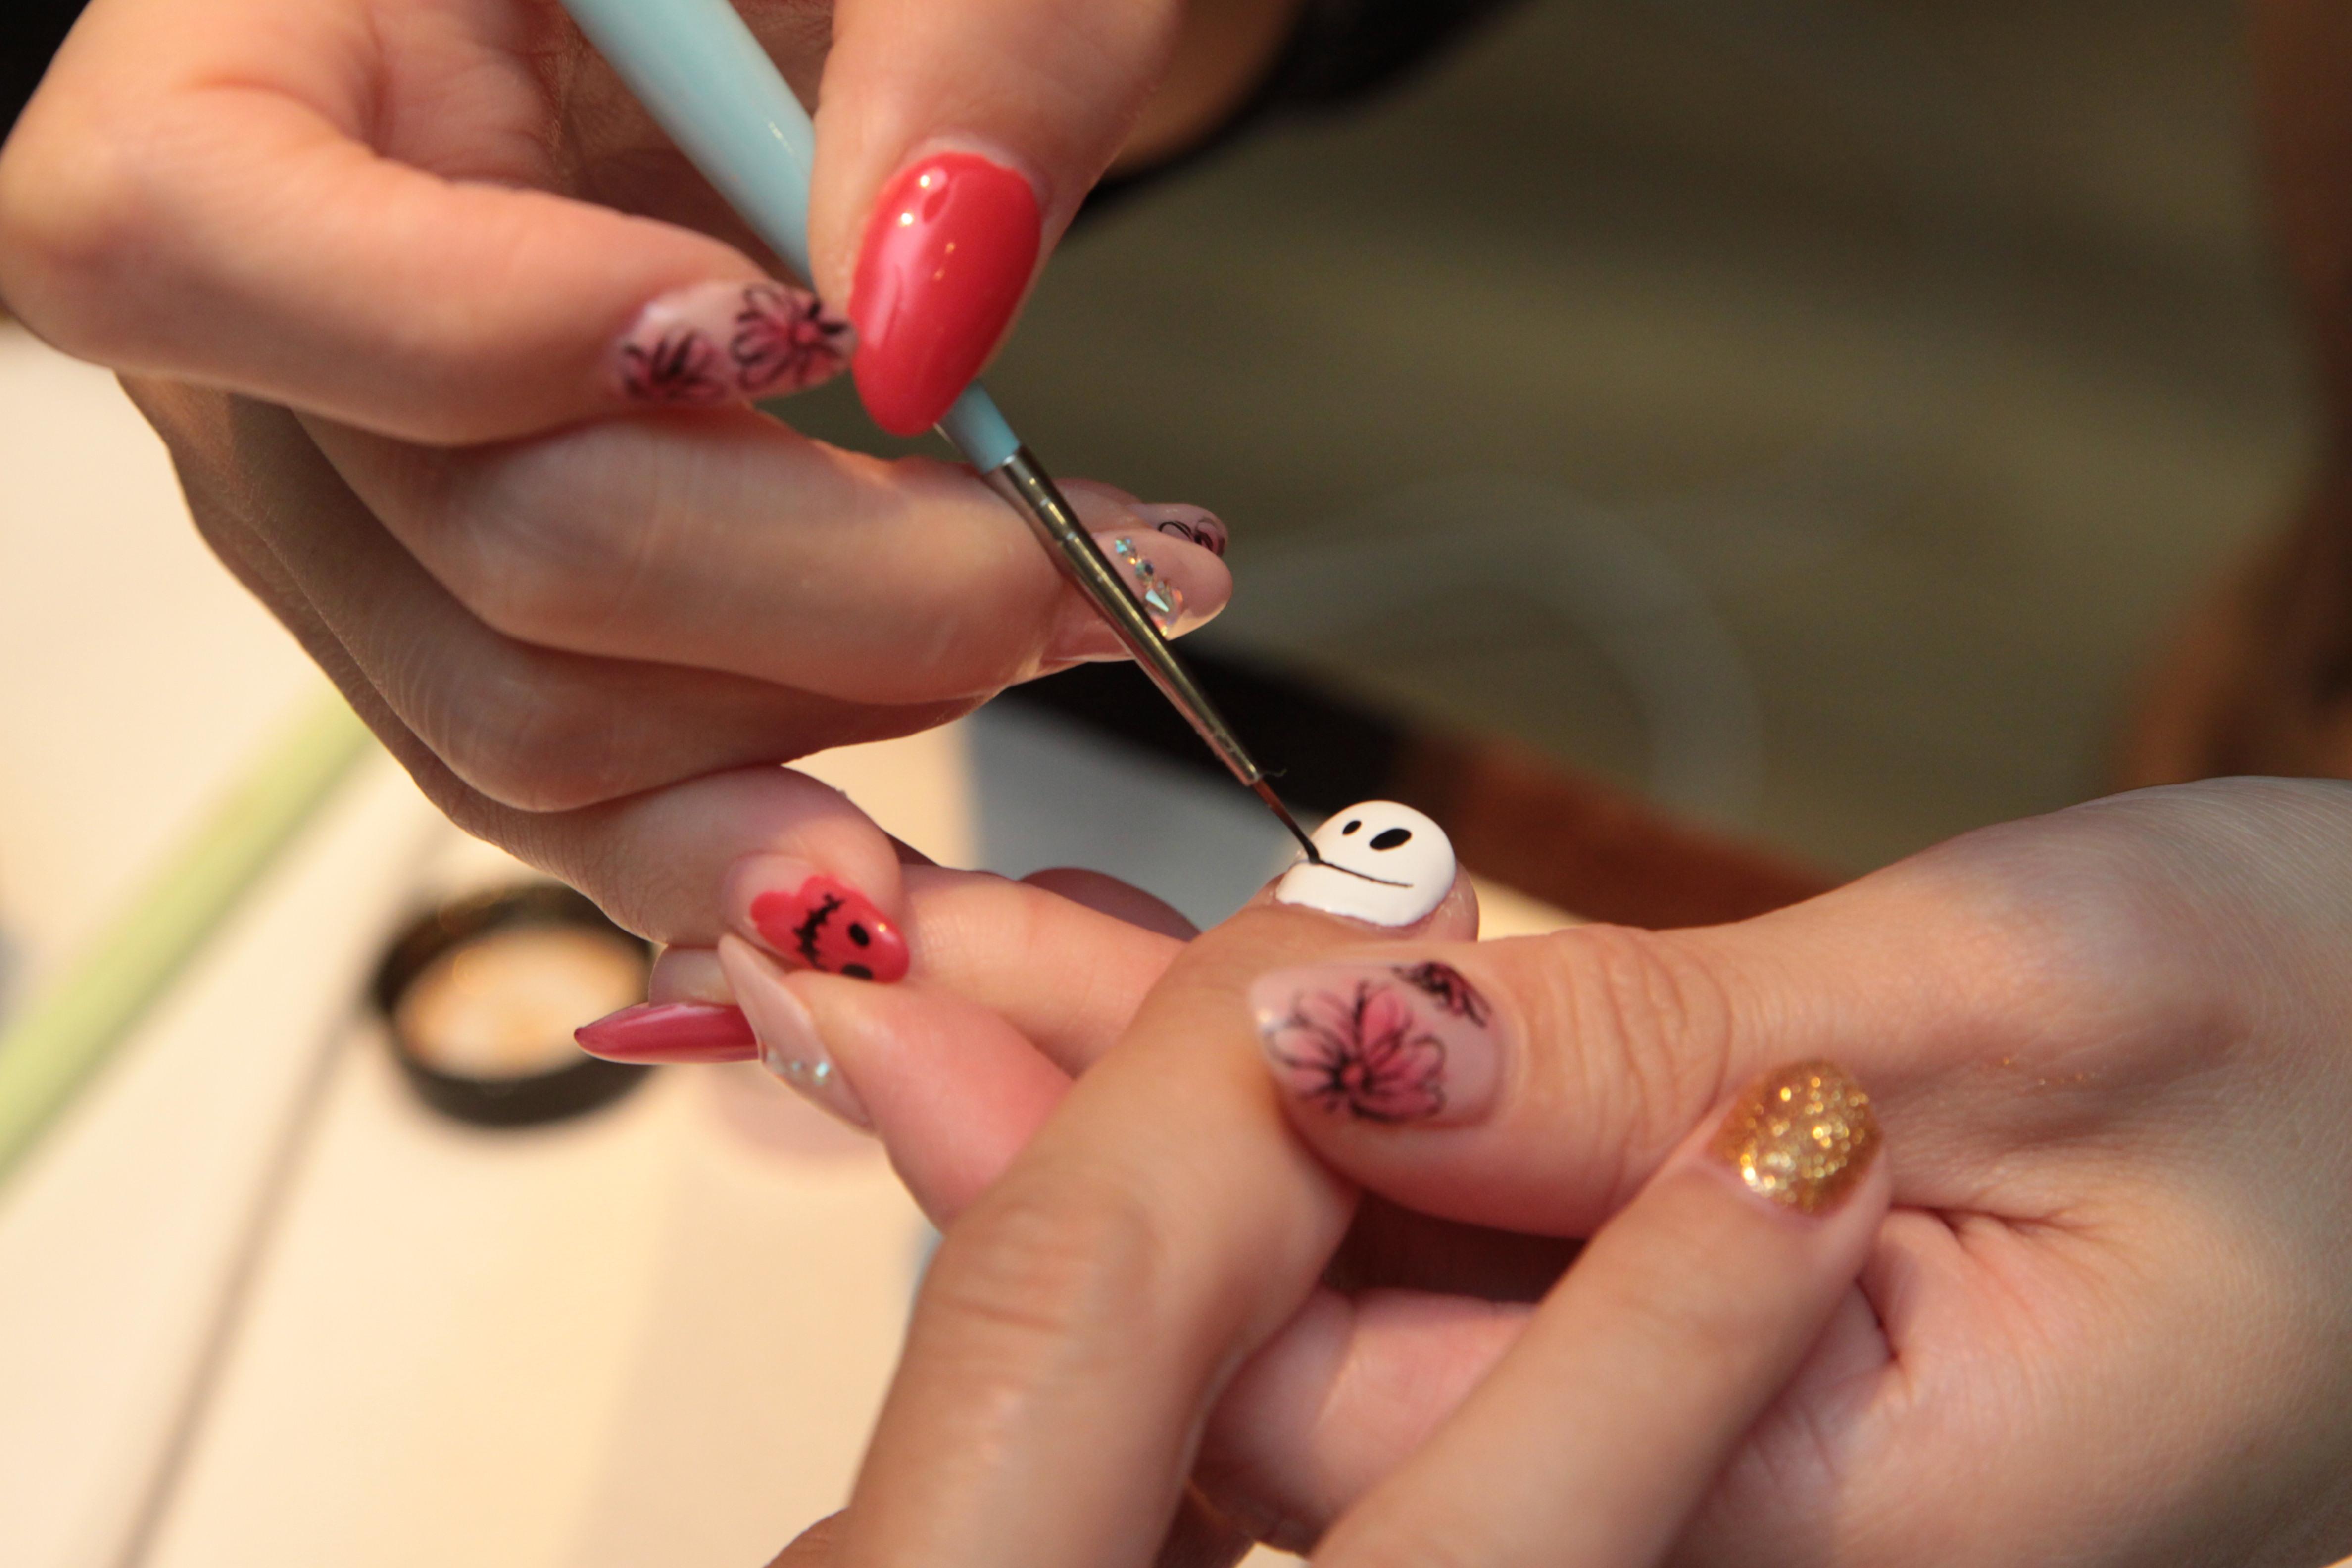 深爪もみるみるうちにキレイに!松坂屋南館「ネイルステーション」でジェルネイルを体験 - IMG 1680